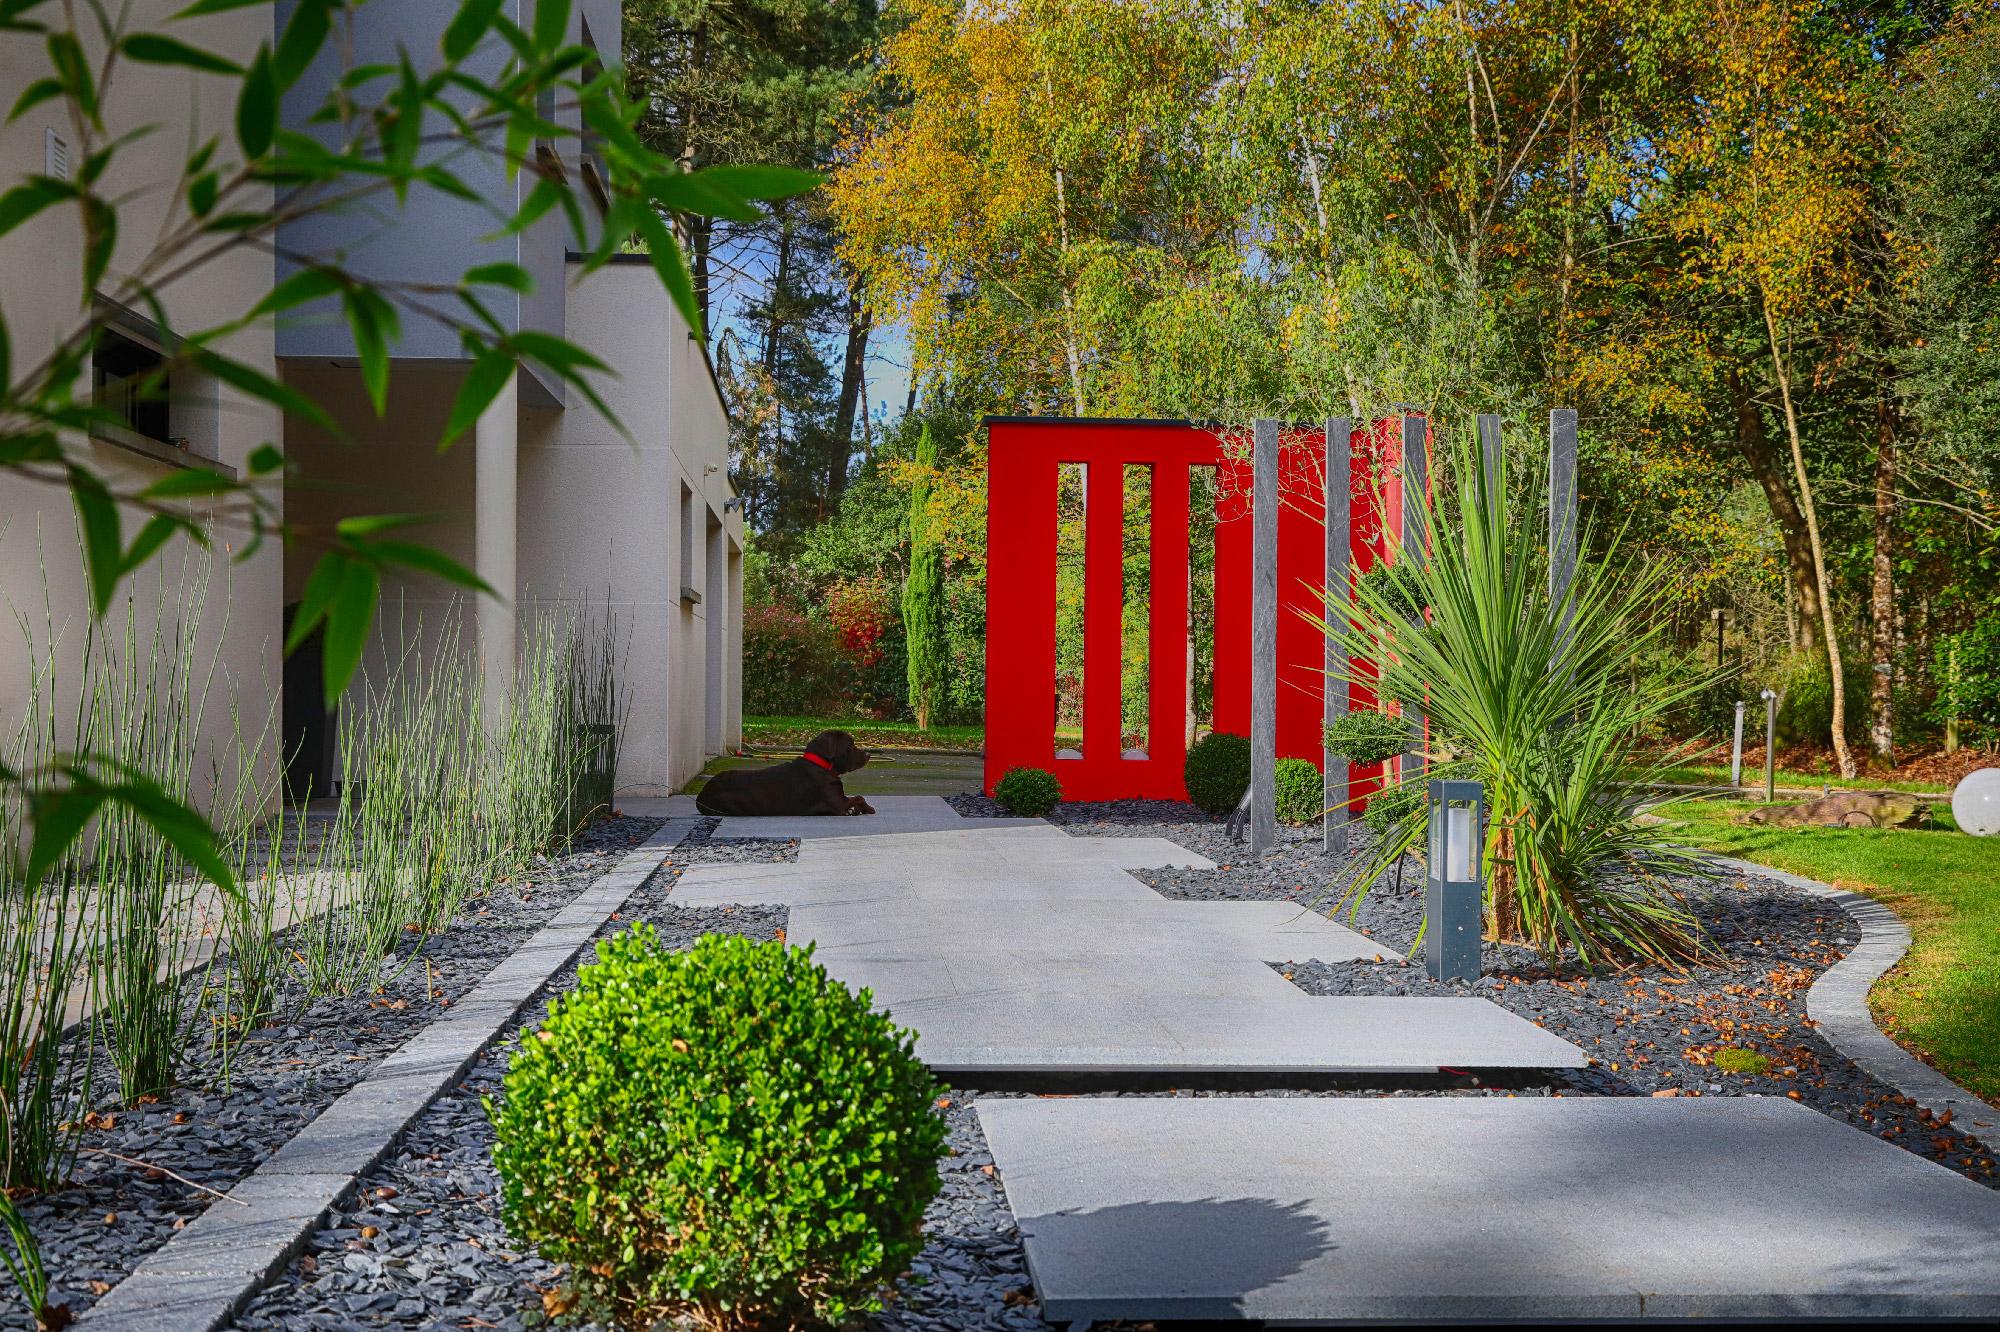 Votre Paysagiste Conçoit, Réalise Et Entretient Votre Jardin ... destiné Exemple D Aménagement De Jardin